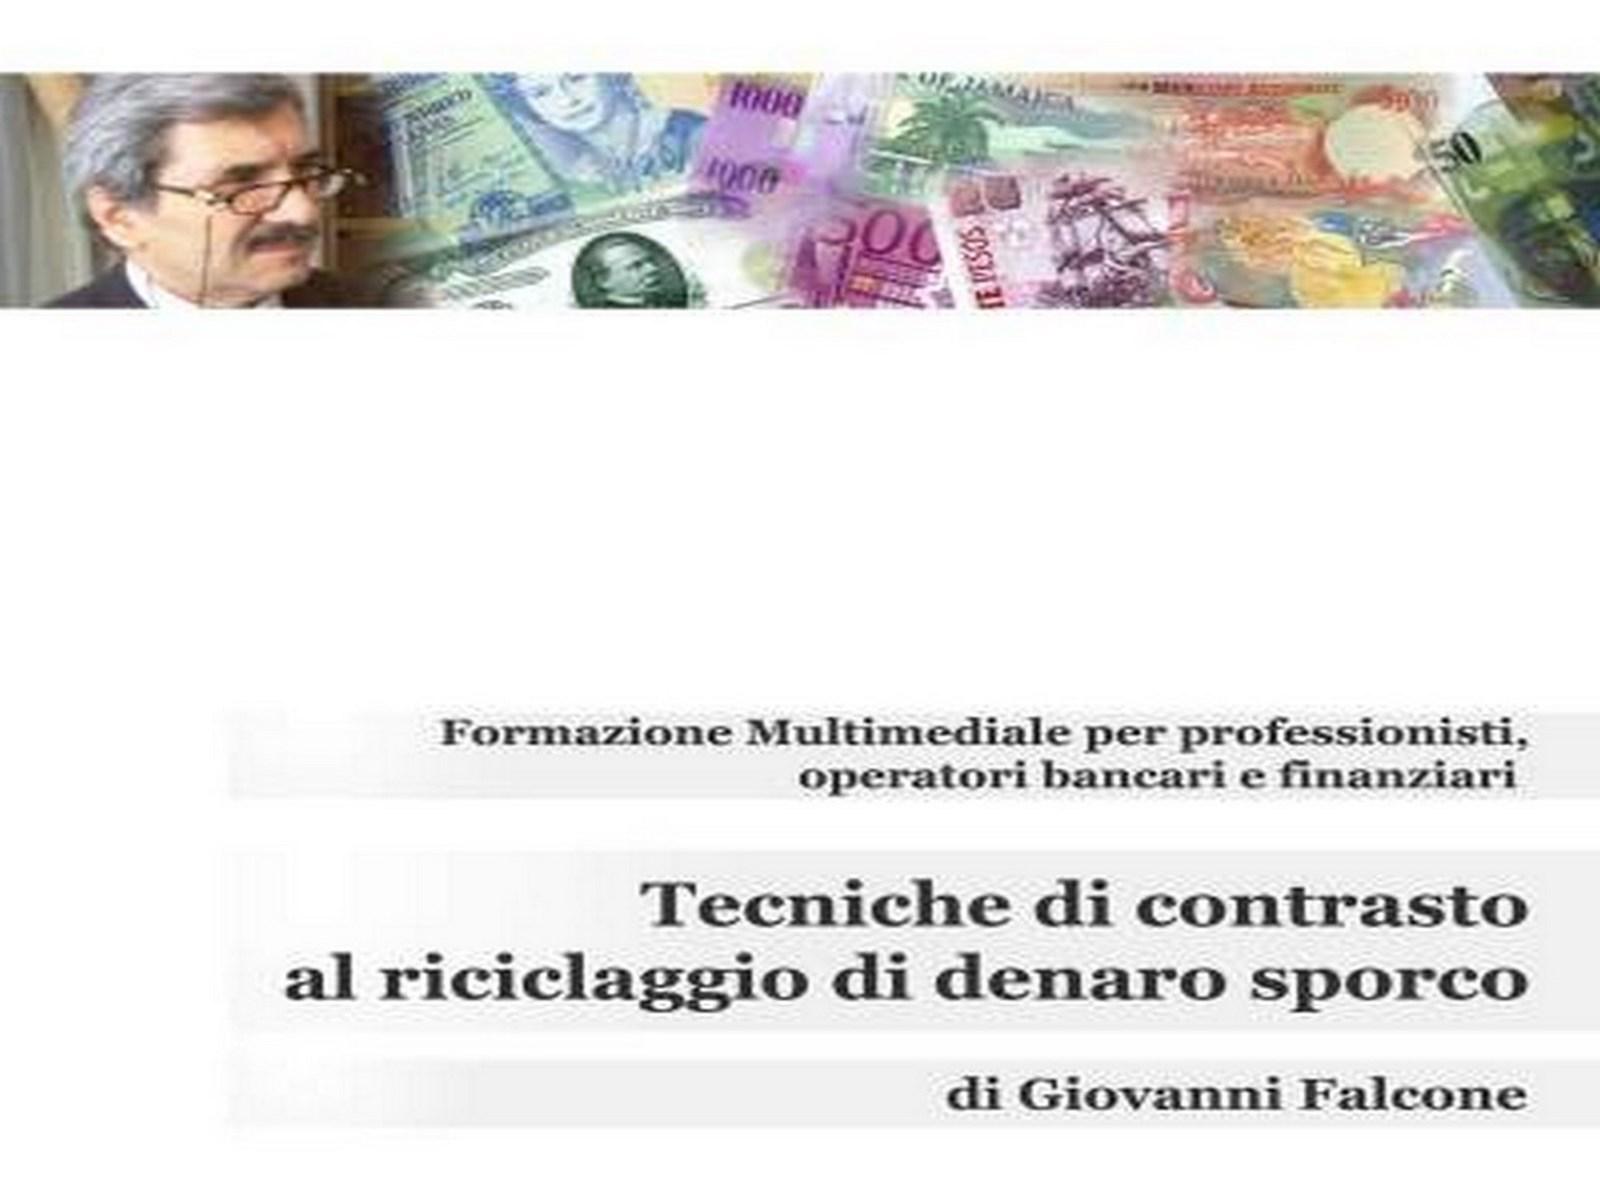 www.antiriciclaggio.org